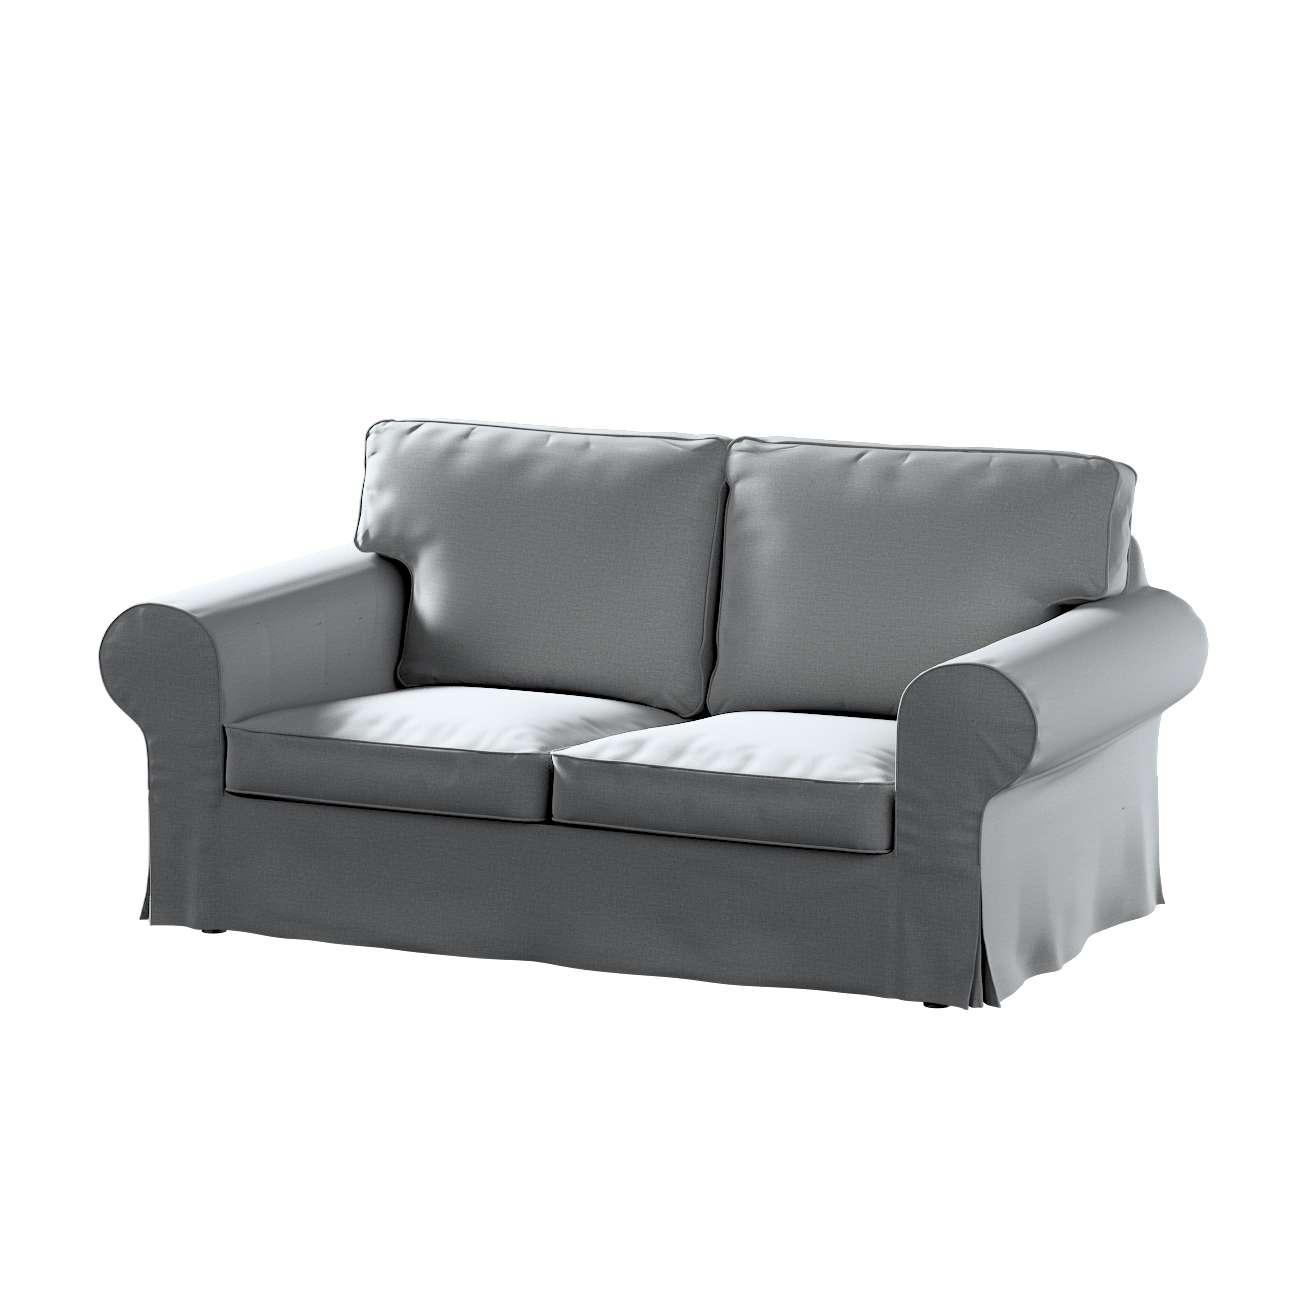 Poťah na sedačku Ektorp (rozkladacia, pre 2 osoby) NOVÝ MODEL 2012 V kolekcii Ingrid, tkanina: 705-42